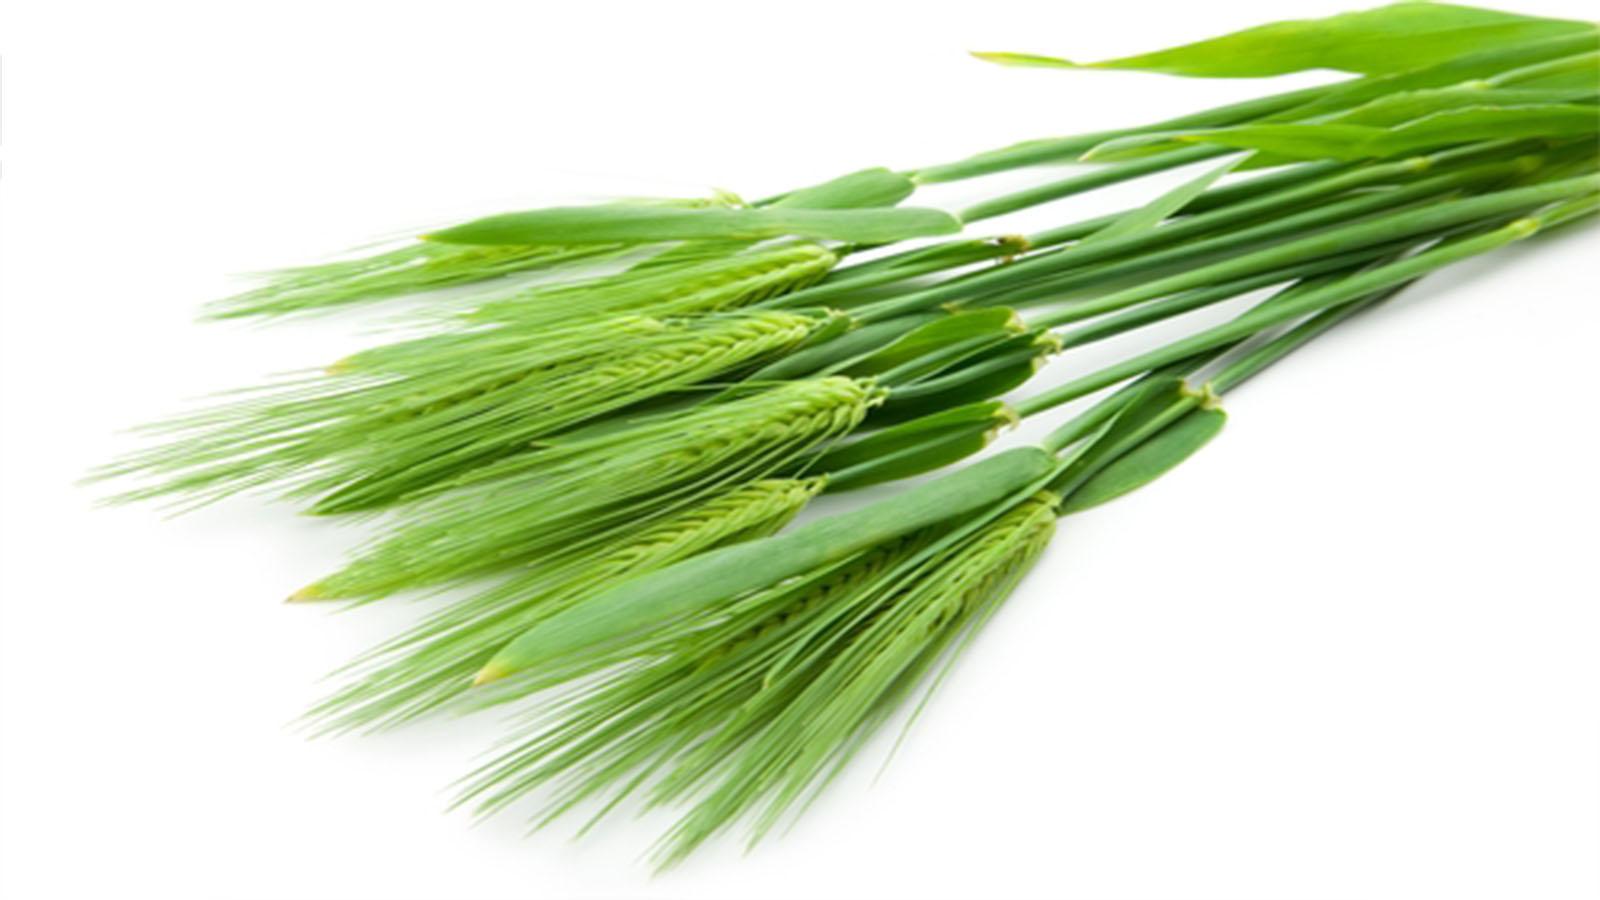 話題の大麦若葉にはどんな効果があるの?